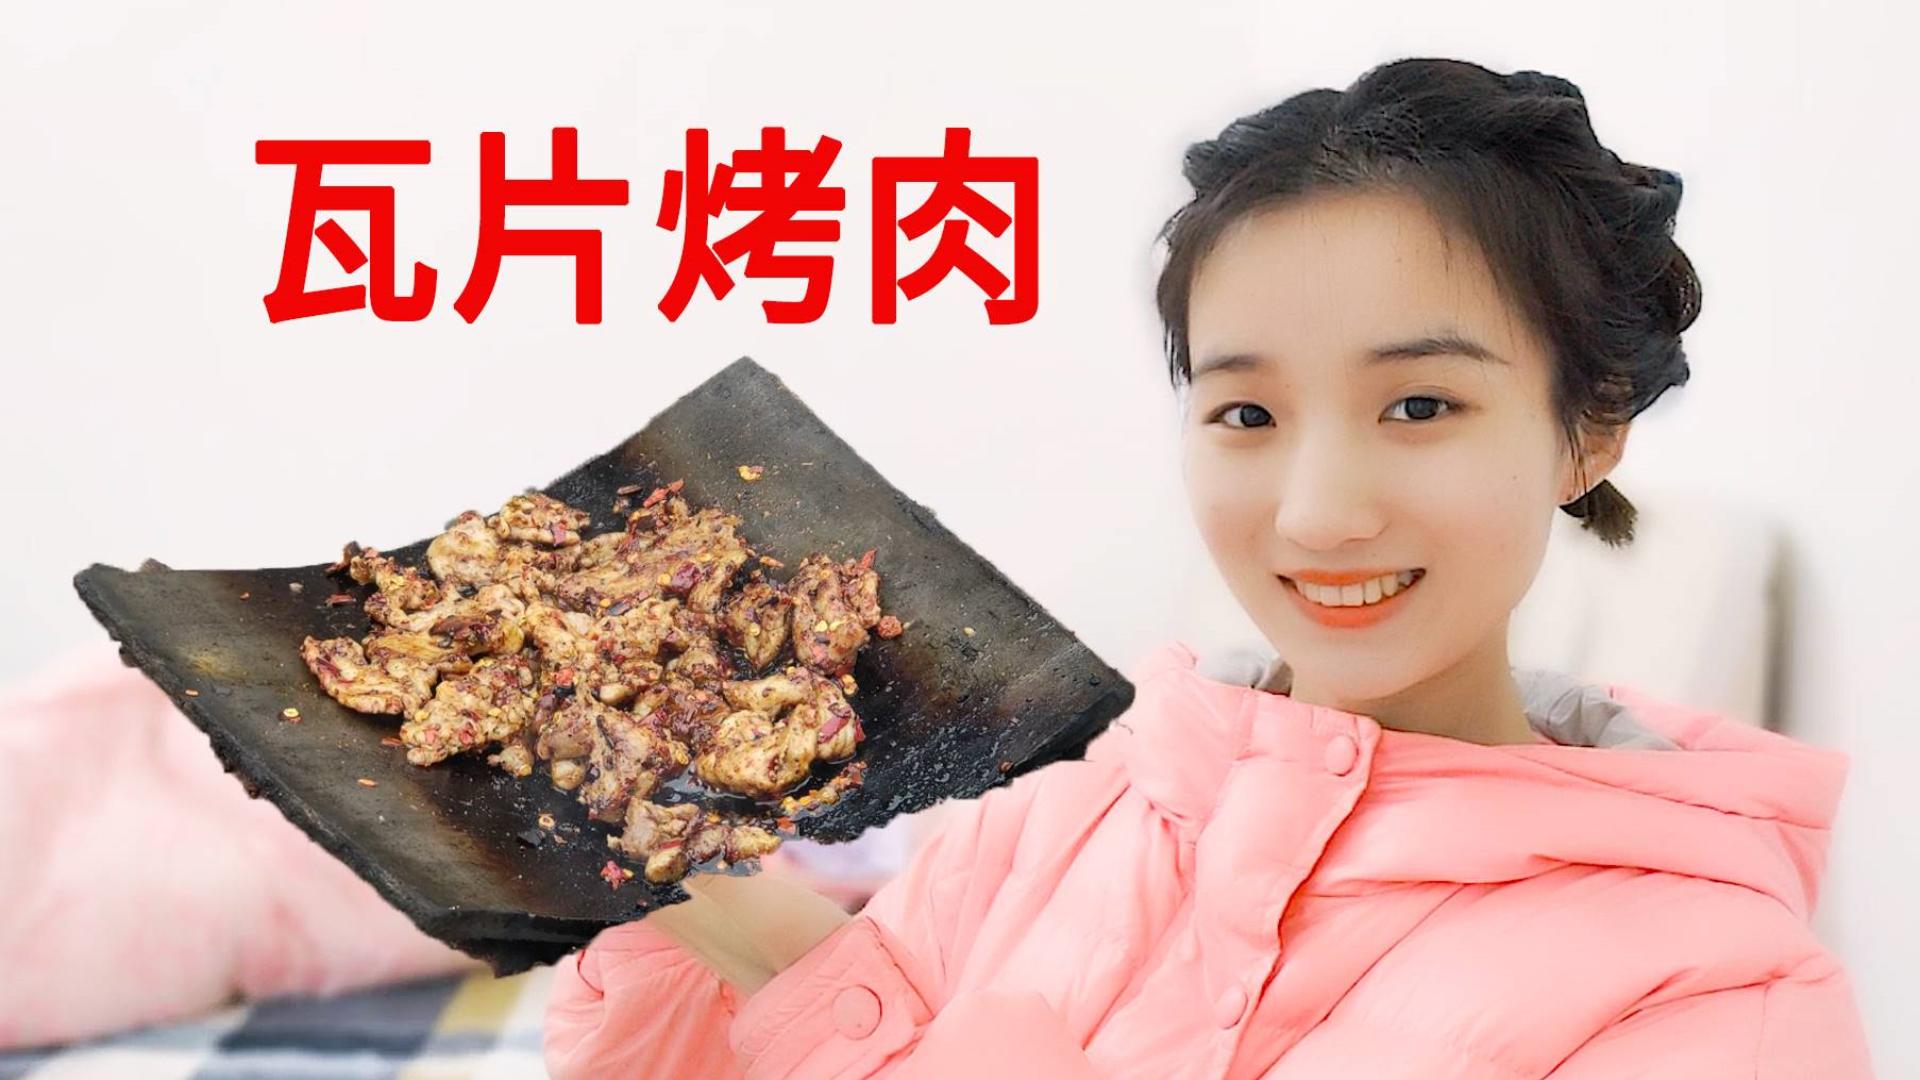 在家无聊上房揭瓦,用来烤肉,味道到底怎么样?